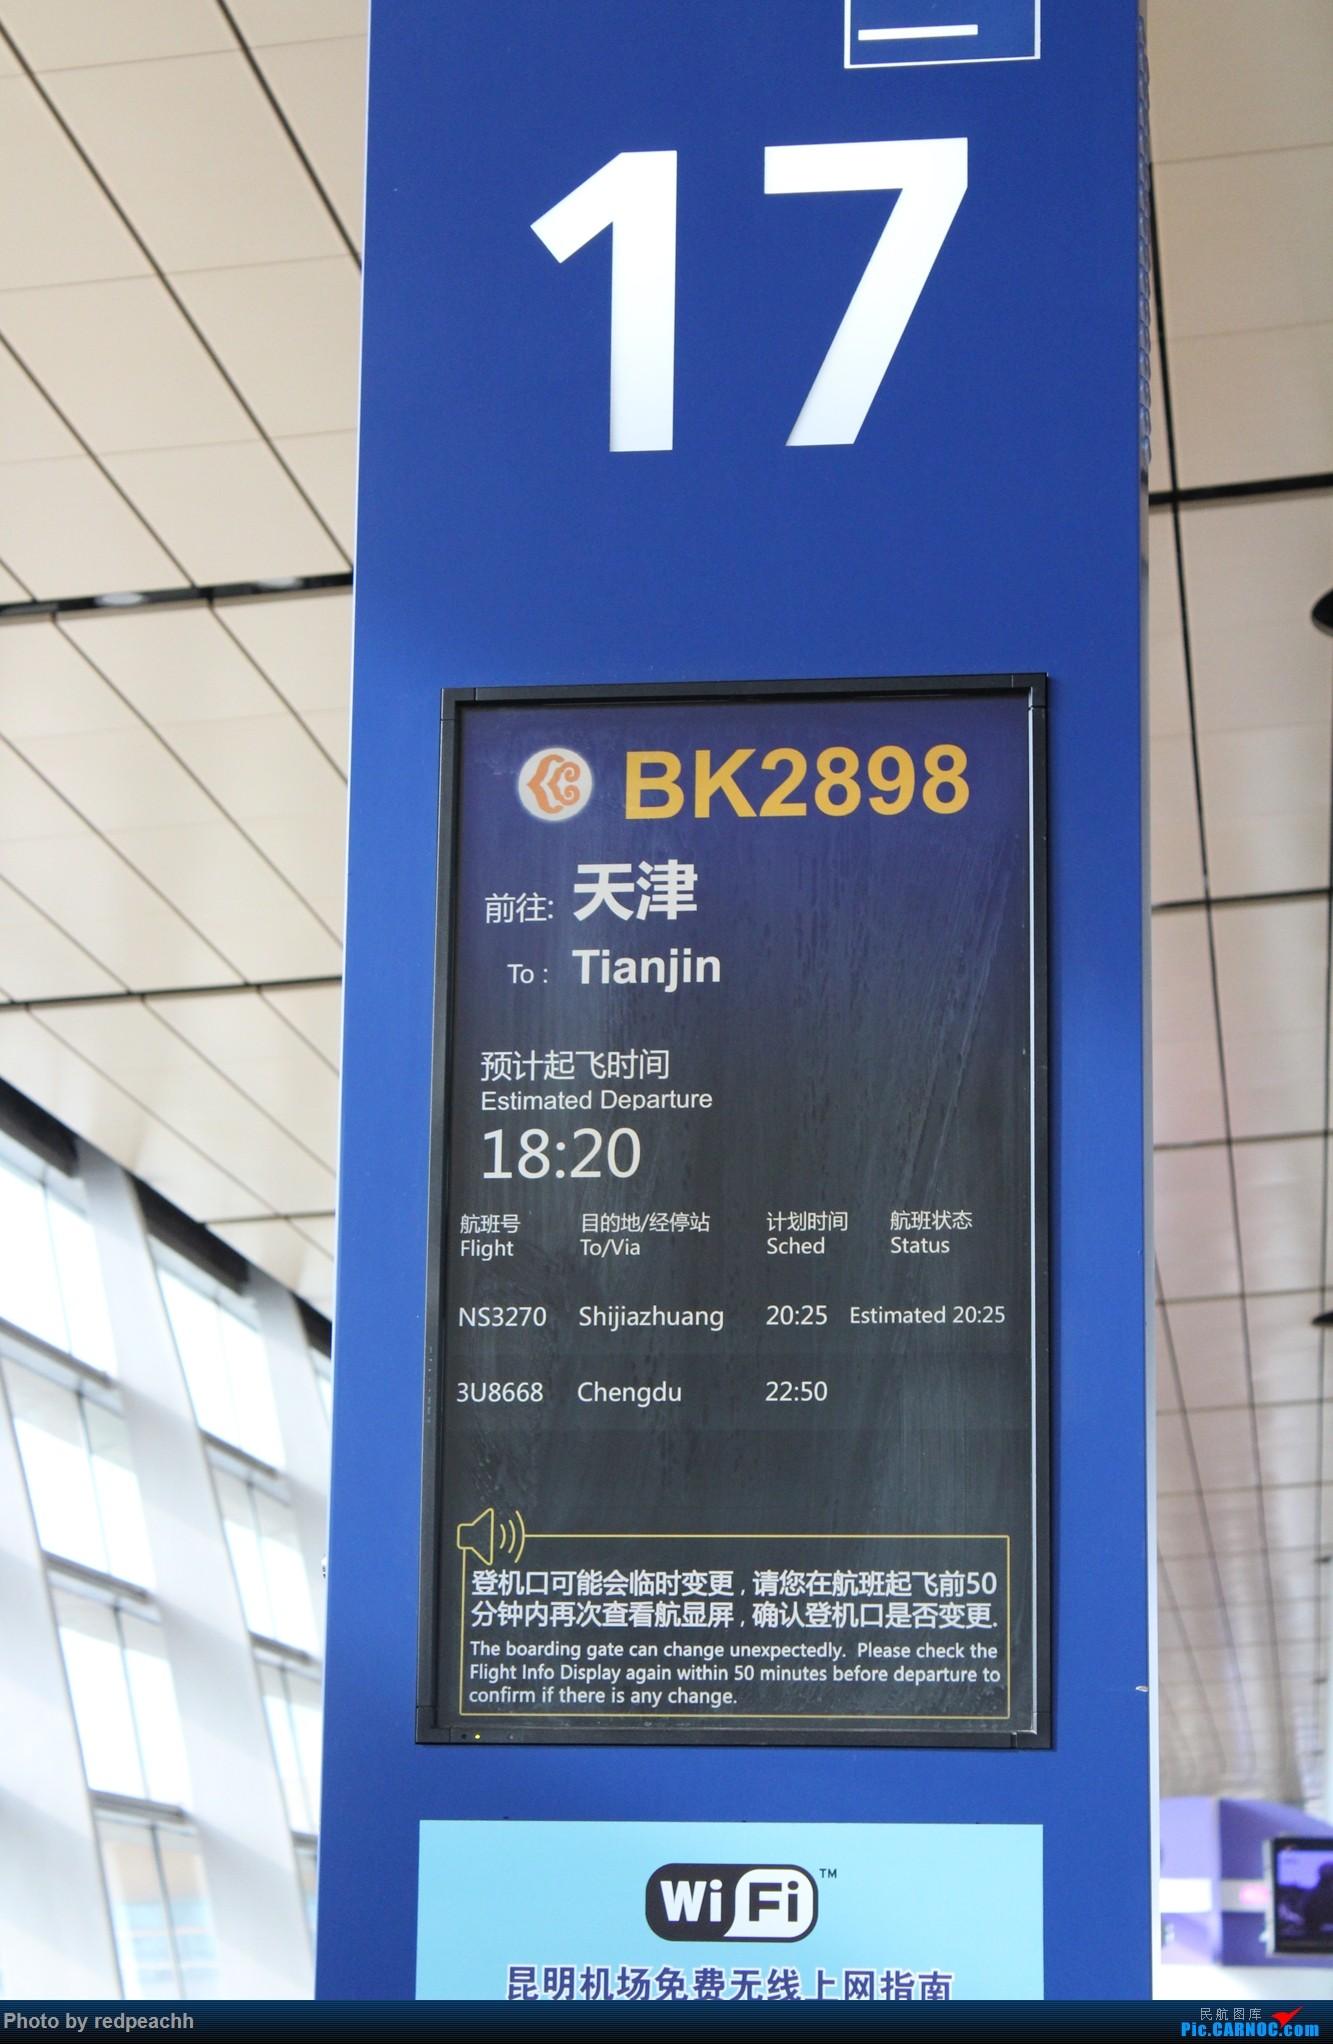 Re:[原创]360天日夜谋划精心筹备之为纪念老爸光荣退休的全家云南行    中国昆明长水国际机场